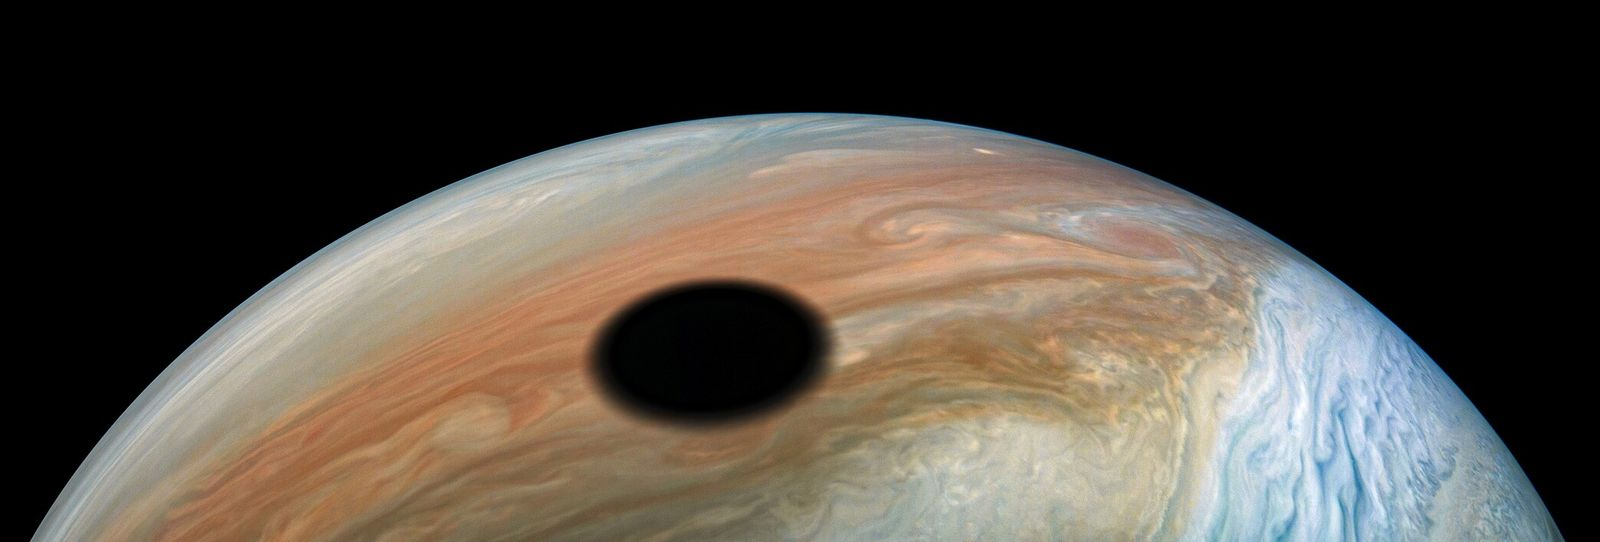 Io, satélite vulcânico que completa uma órbita ao redor do planeta Júpiter a cada 42 horas, ...